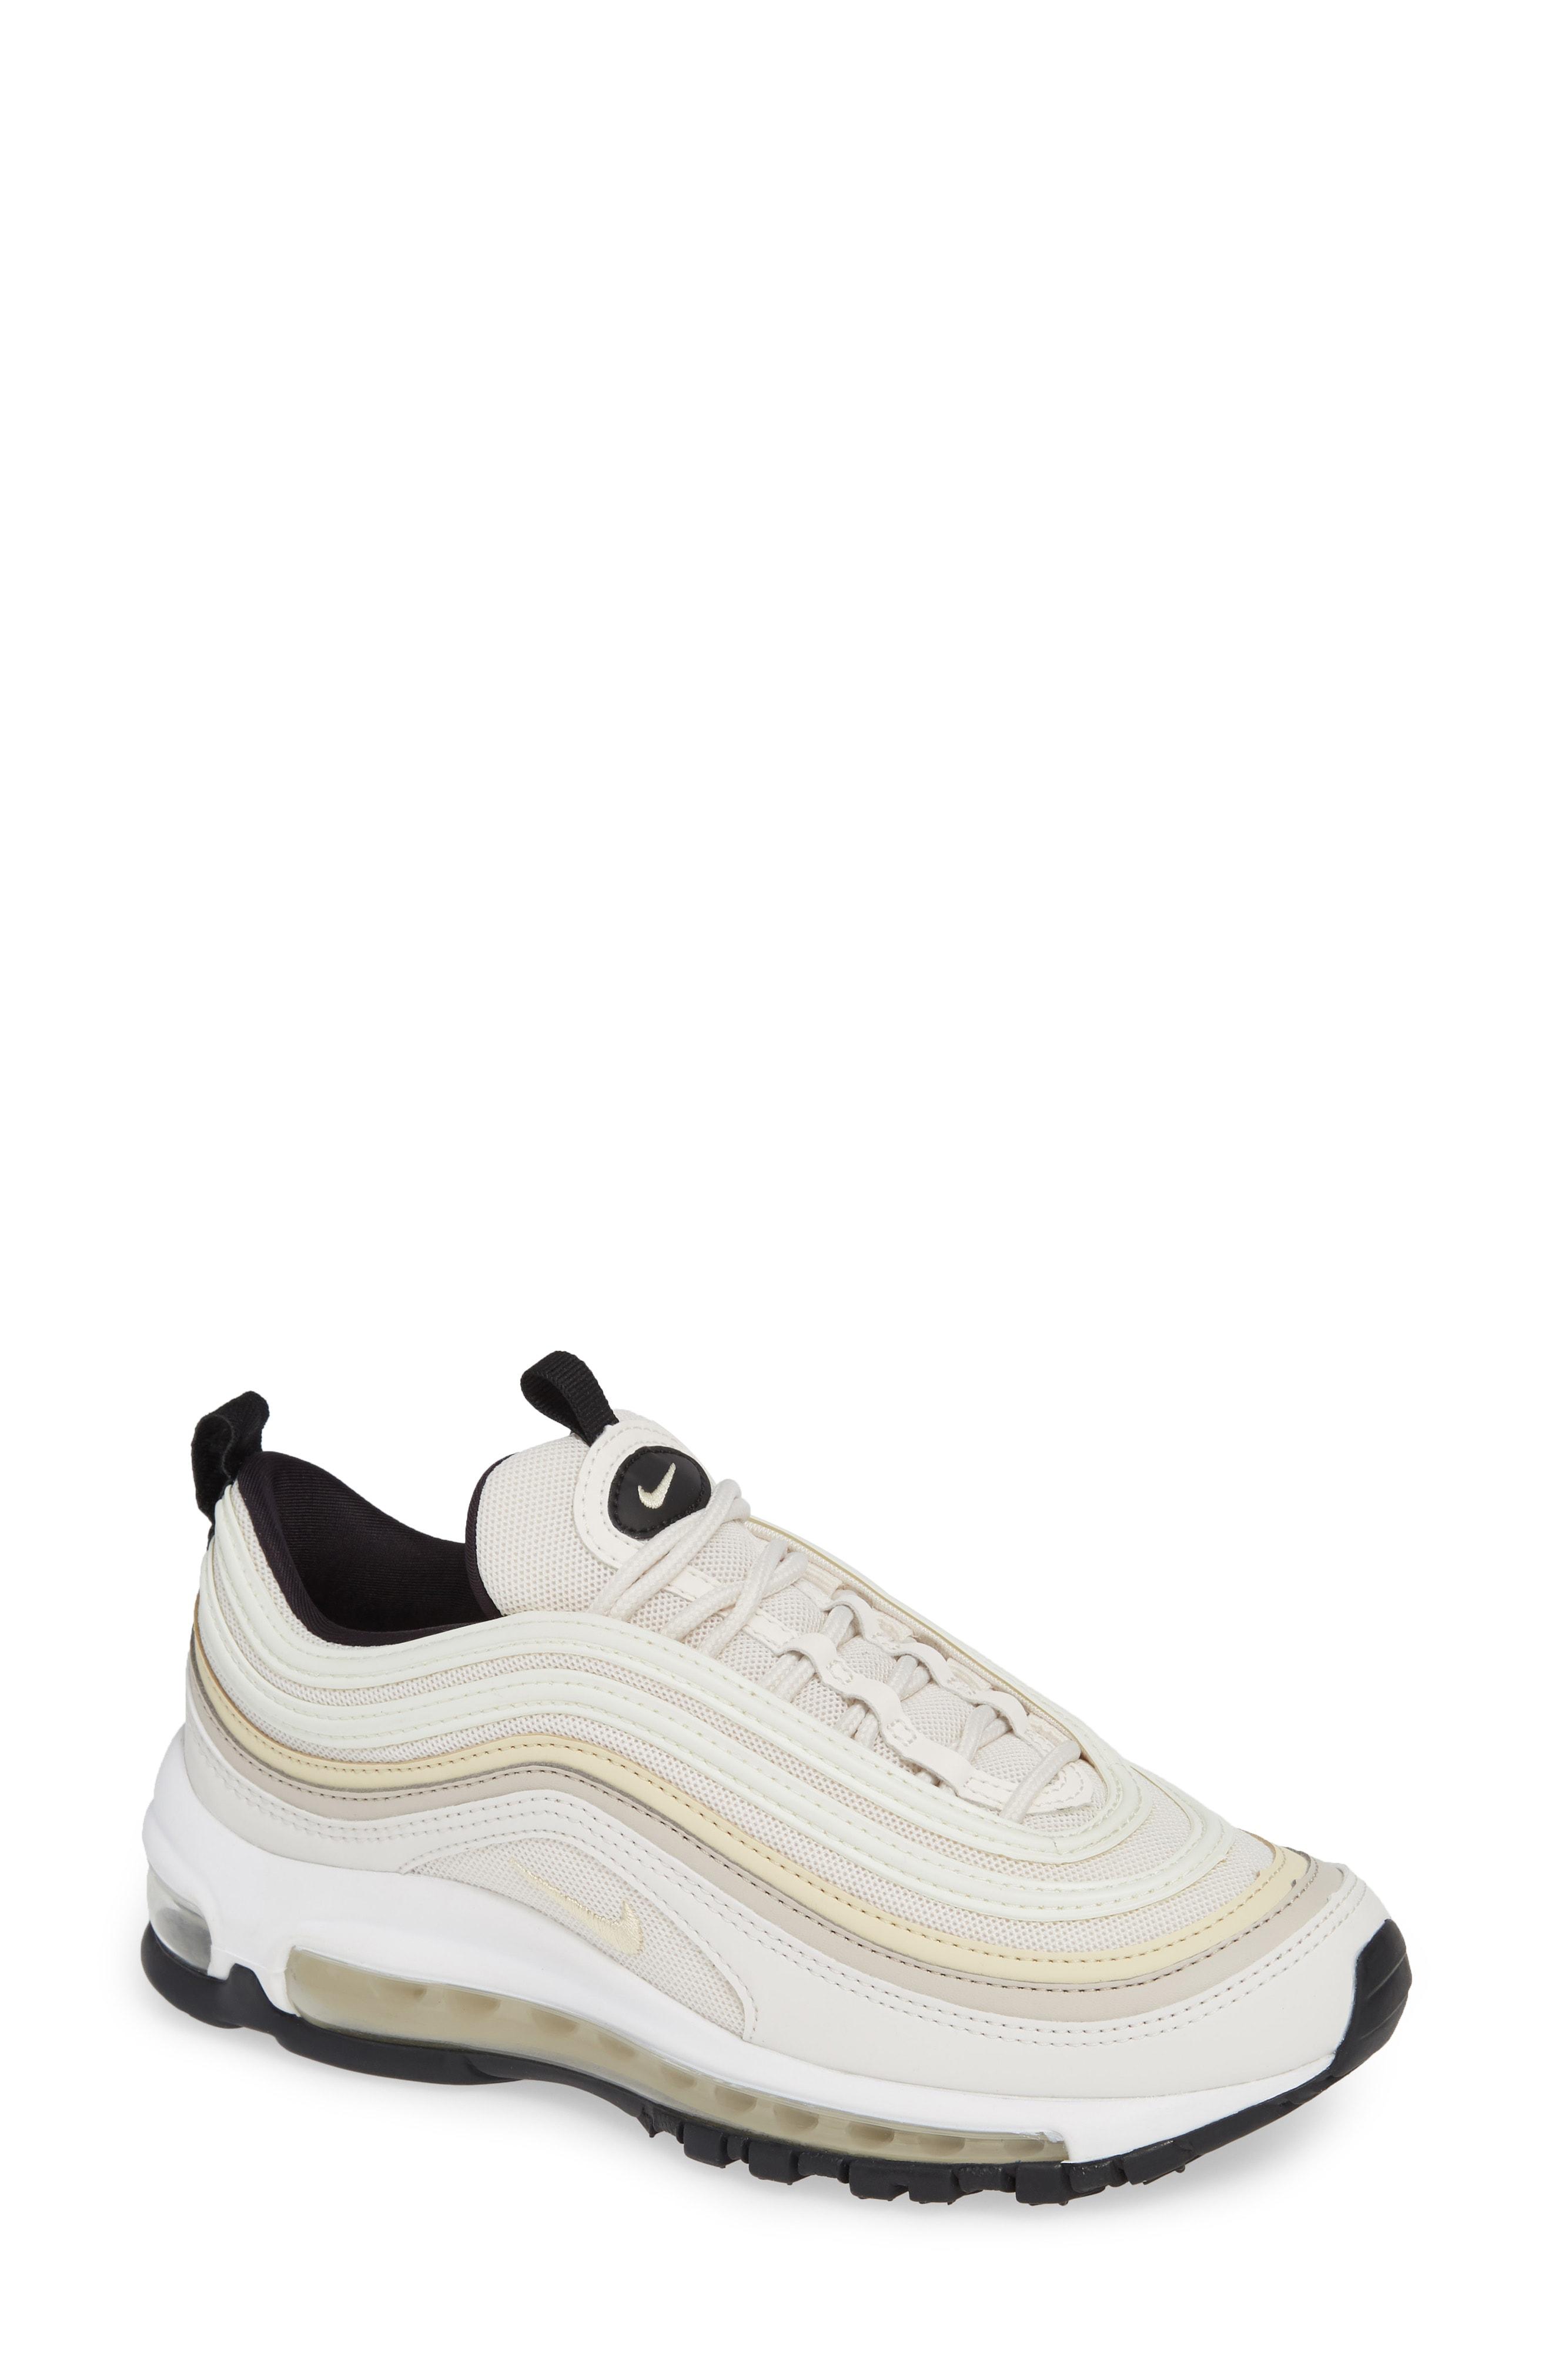 Nike Air Max 97 Sneaker (Women)